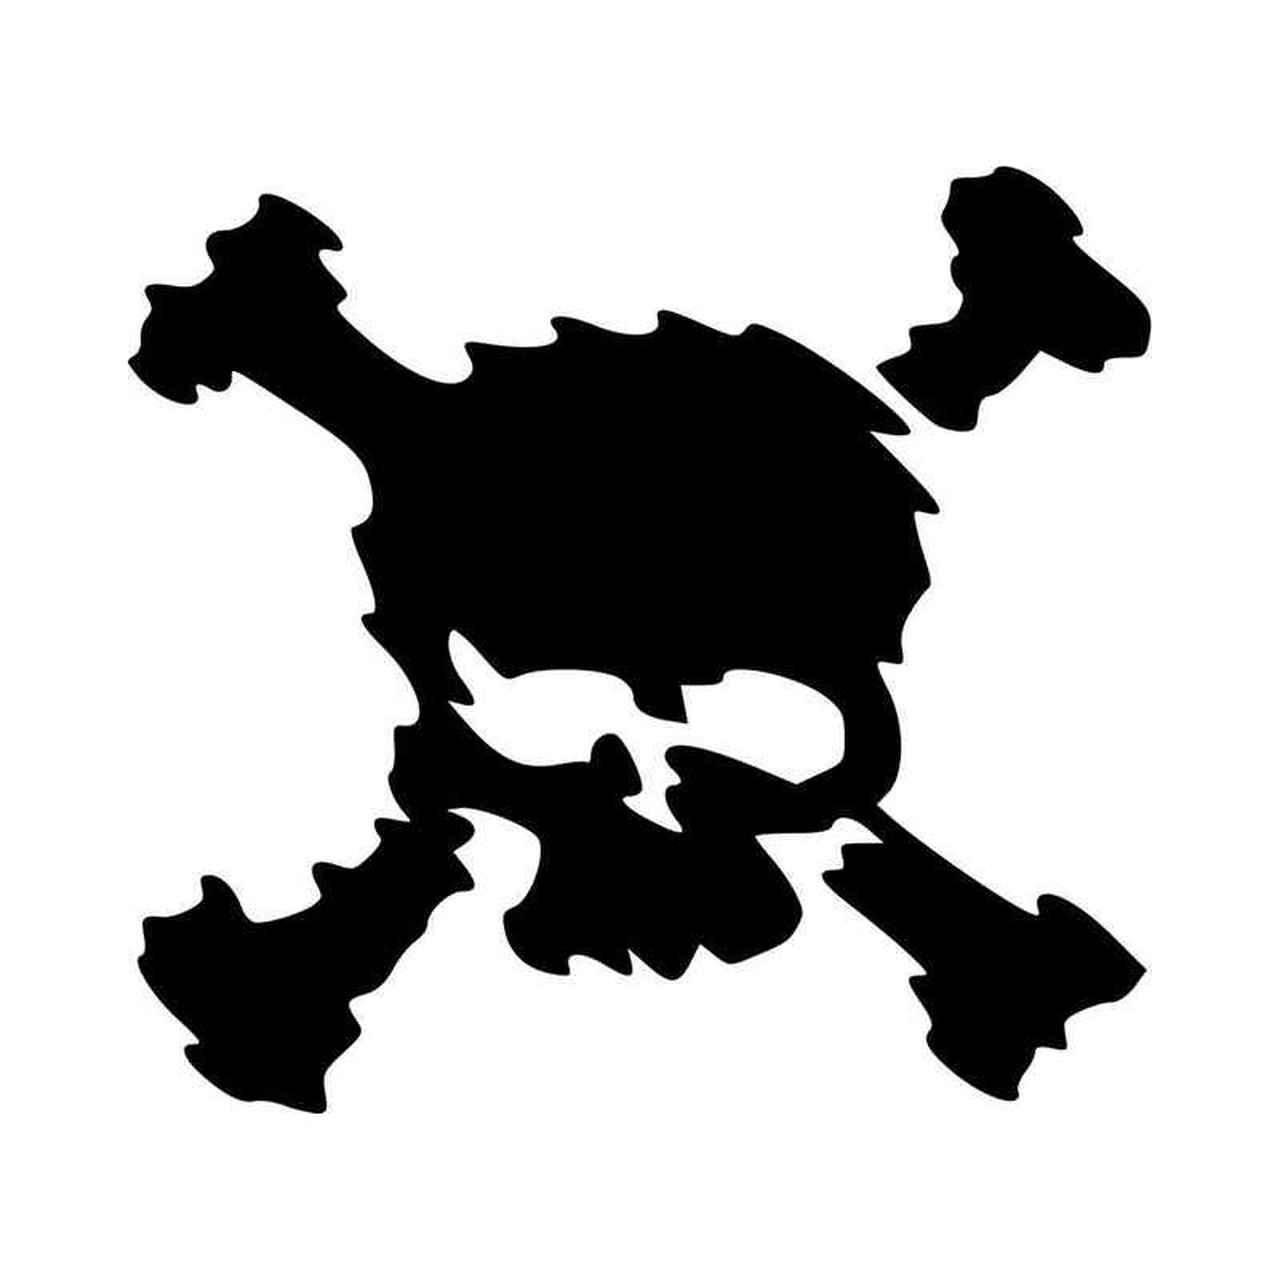 Oakley logo clipart svg stock Oakley Skull Logo Vinyl Decal Sticker svg stock